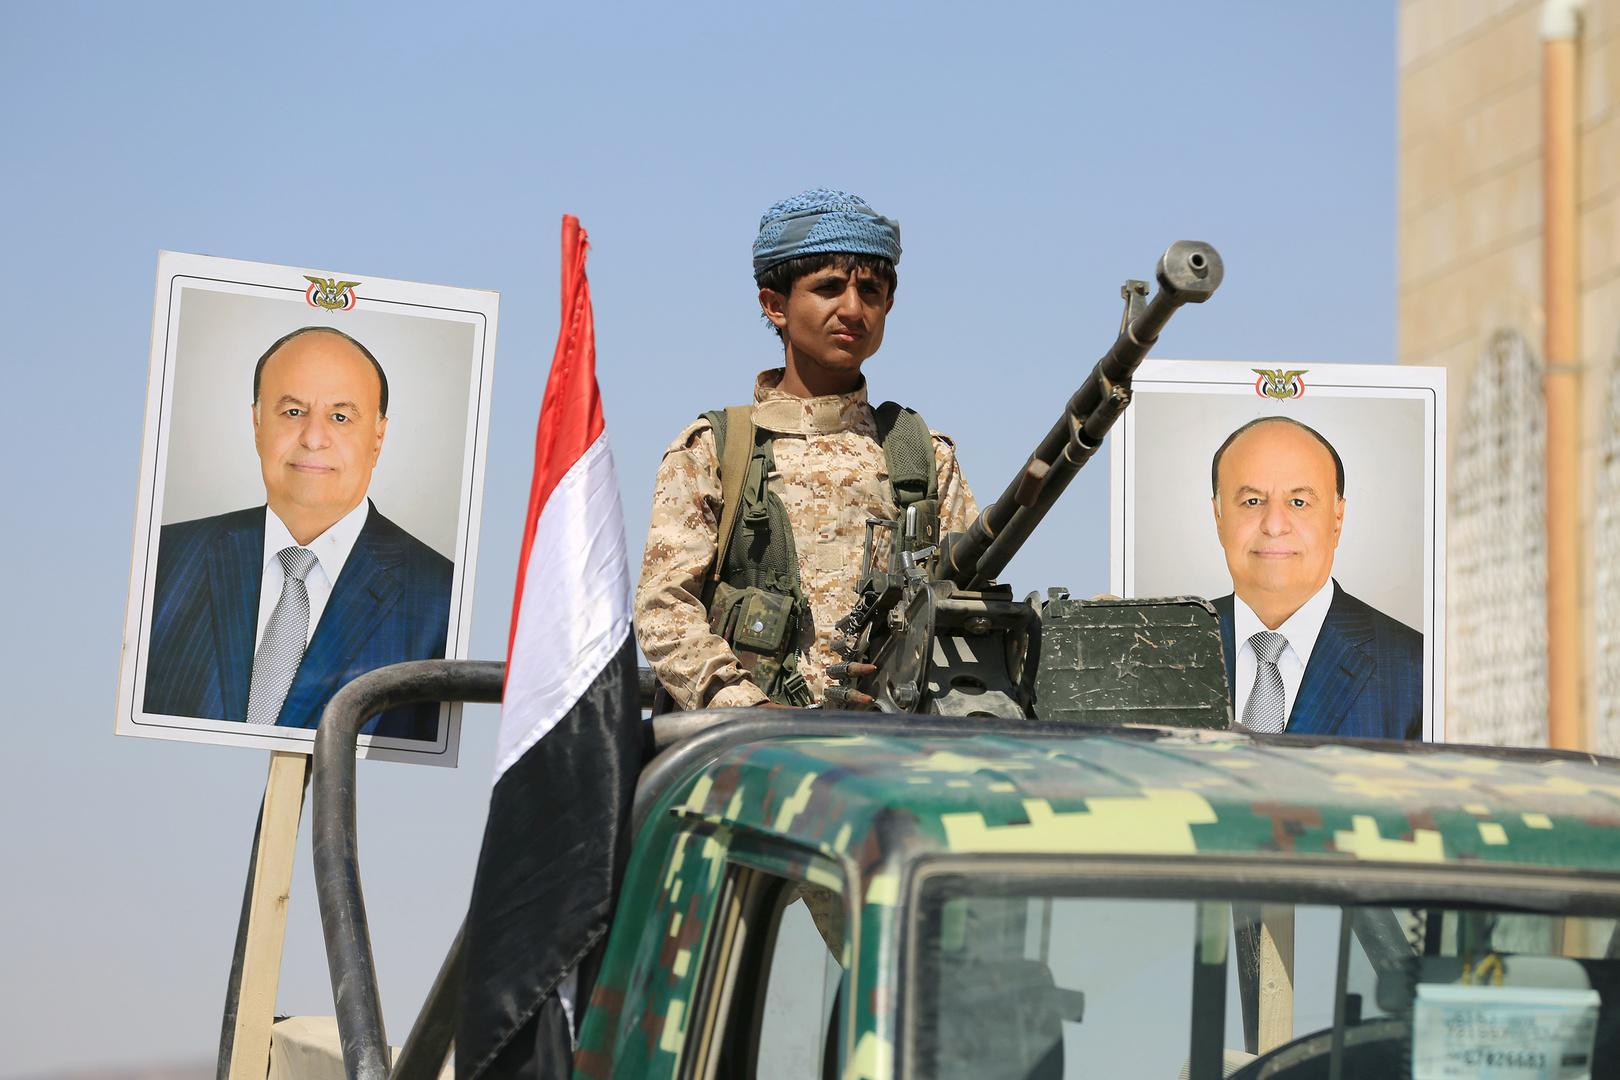 قتلى وجرحى جراء قصف معسكر لقوات الحكومة اليمنية في أبين